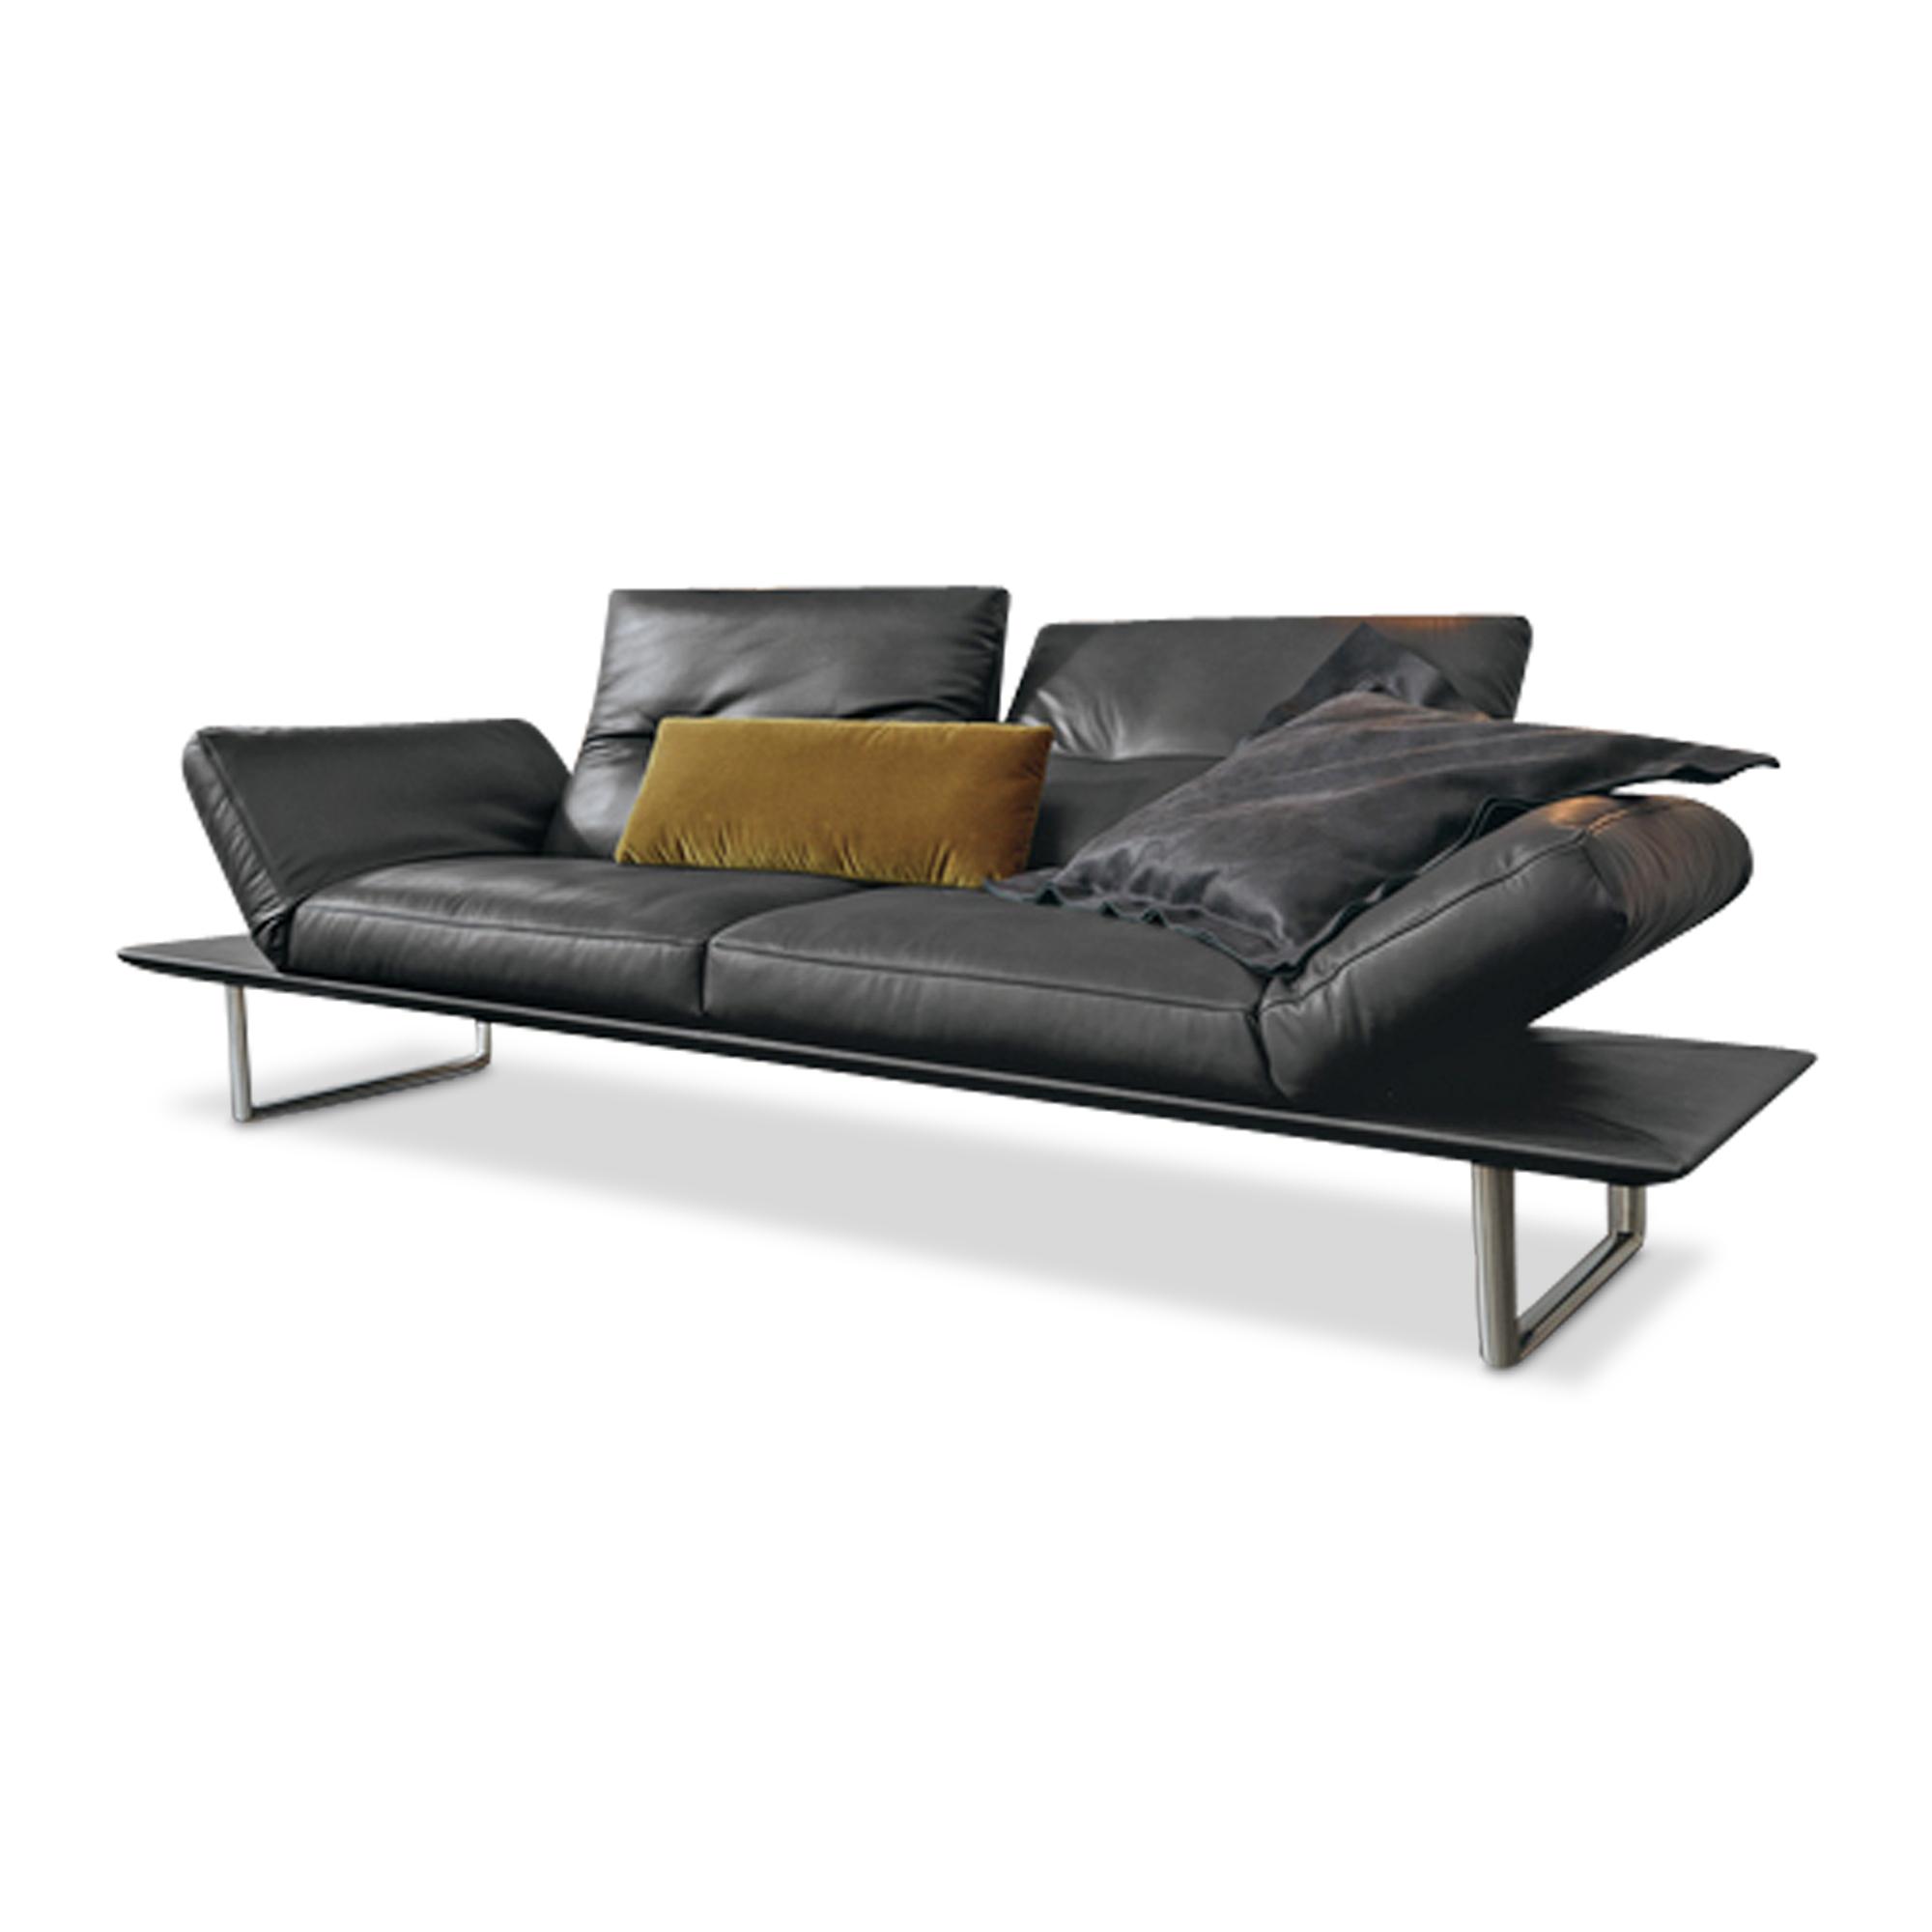 musterring designer sofa mr 495 2 5 sitzer leder. Black Bedroom Furniture Sets. Home Design Ideas